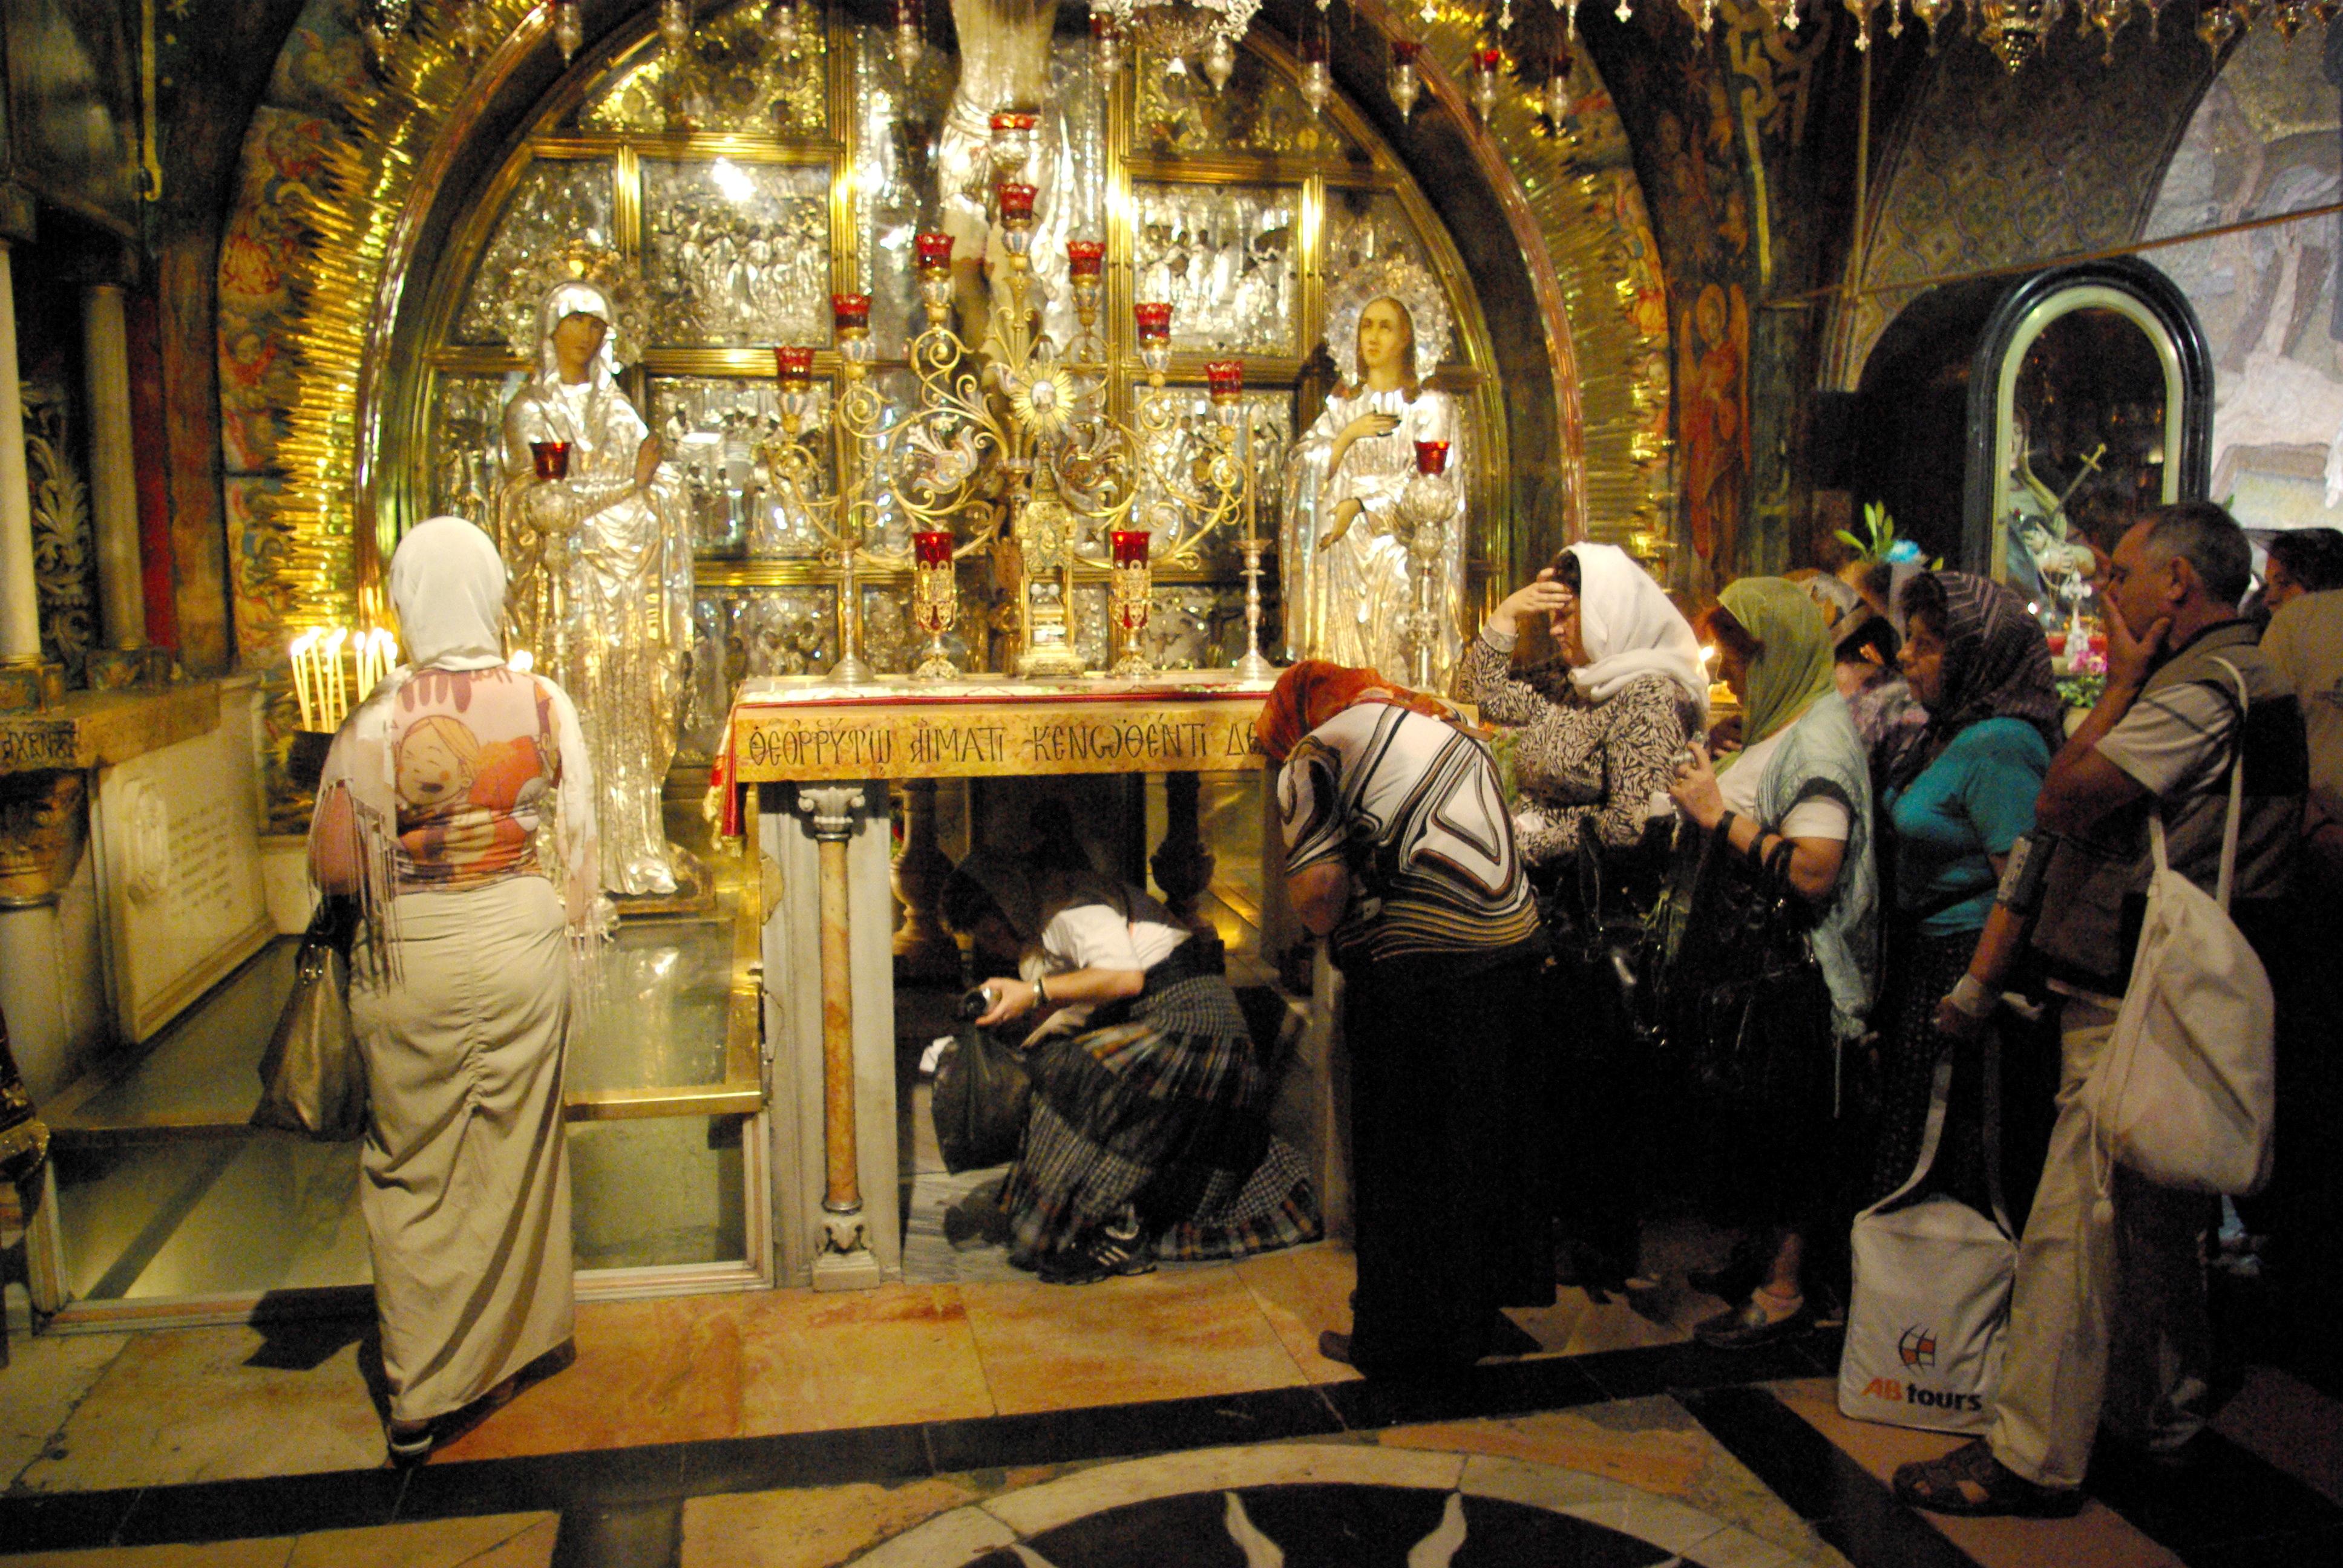 Cerraron la iglesia del Santo Sepulcro por una disputa económica